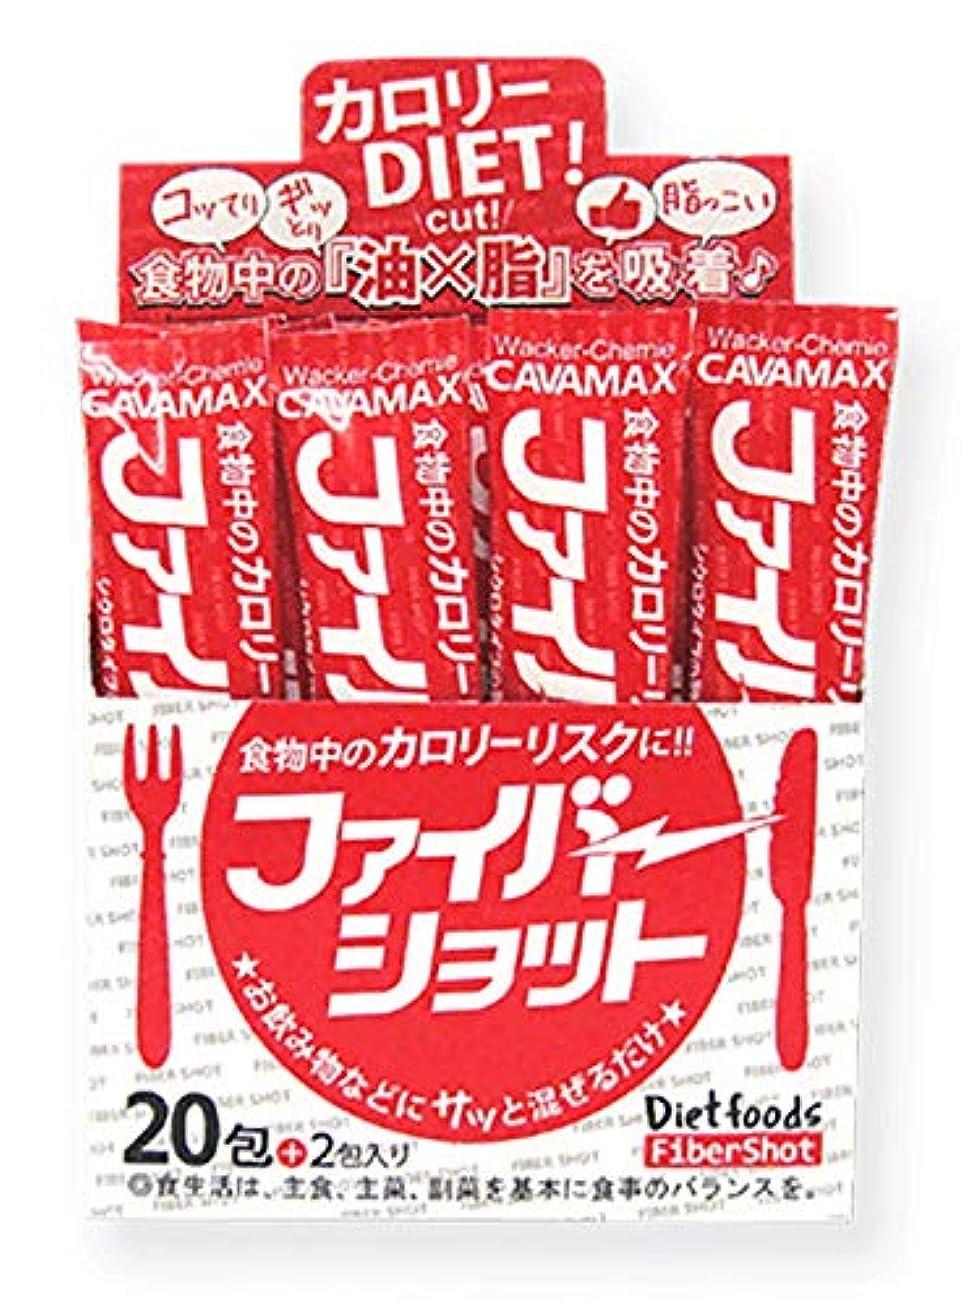 境界夜明けこっそりファイバーショット 8箱 (5g×22包) αシクロデキストリン 難消化性デキストリン 食物繊維 粉末